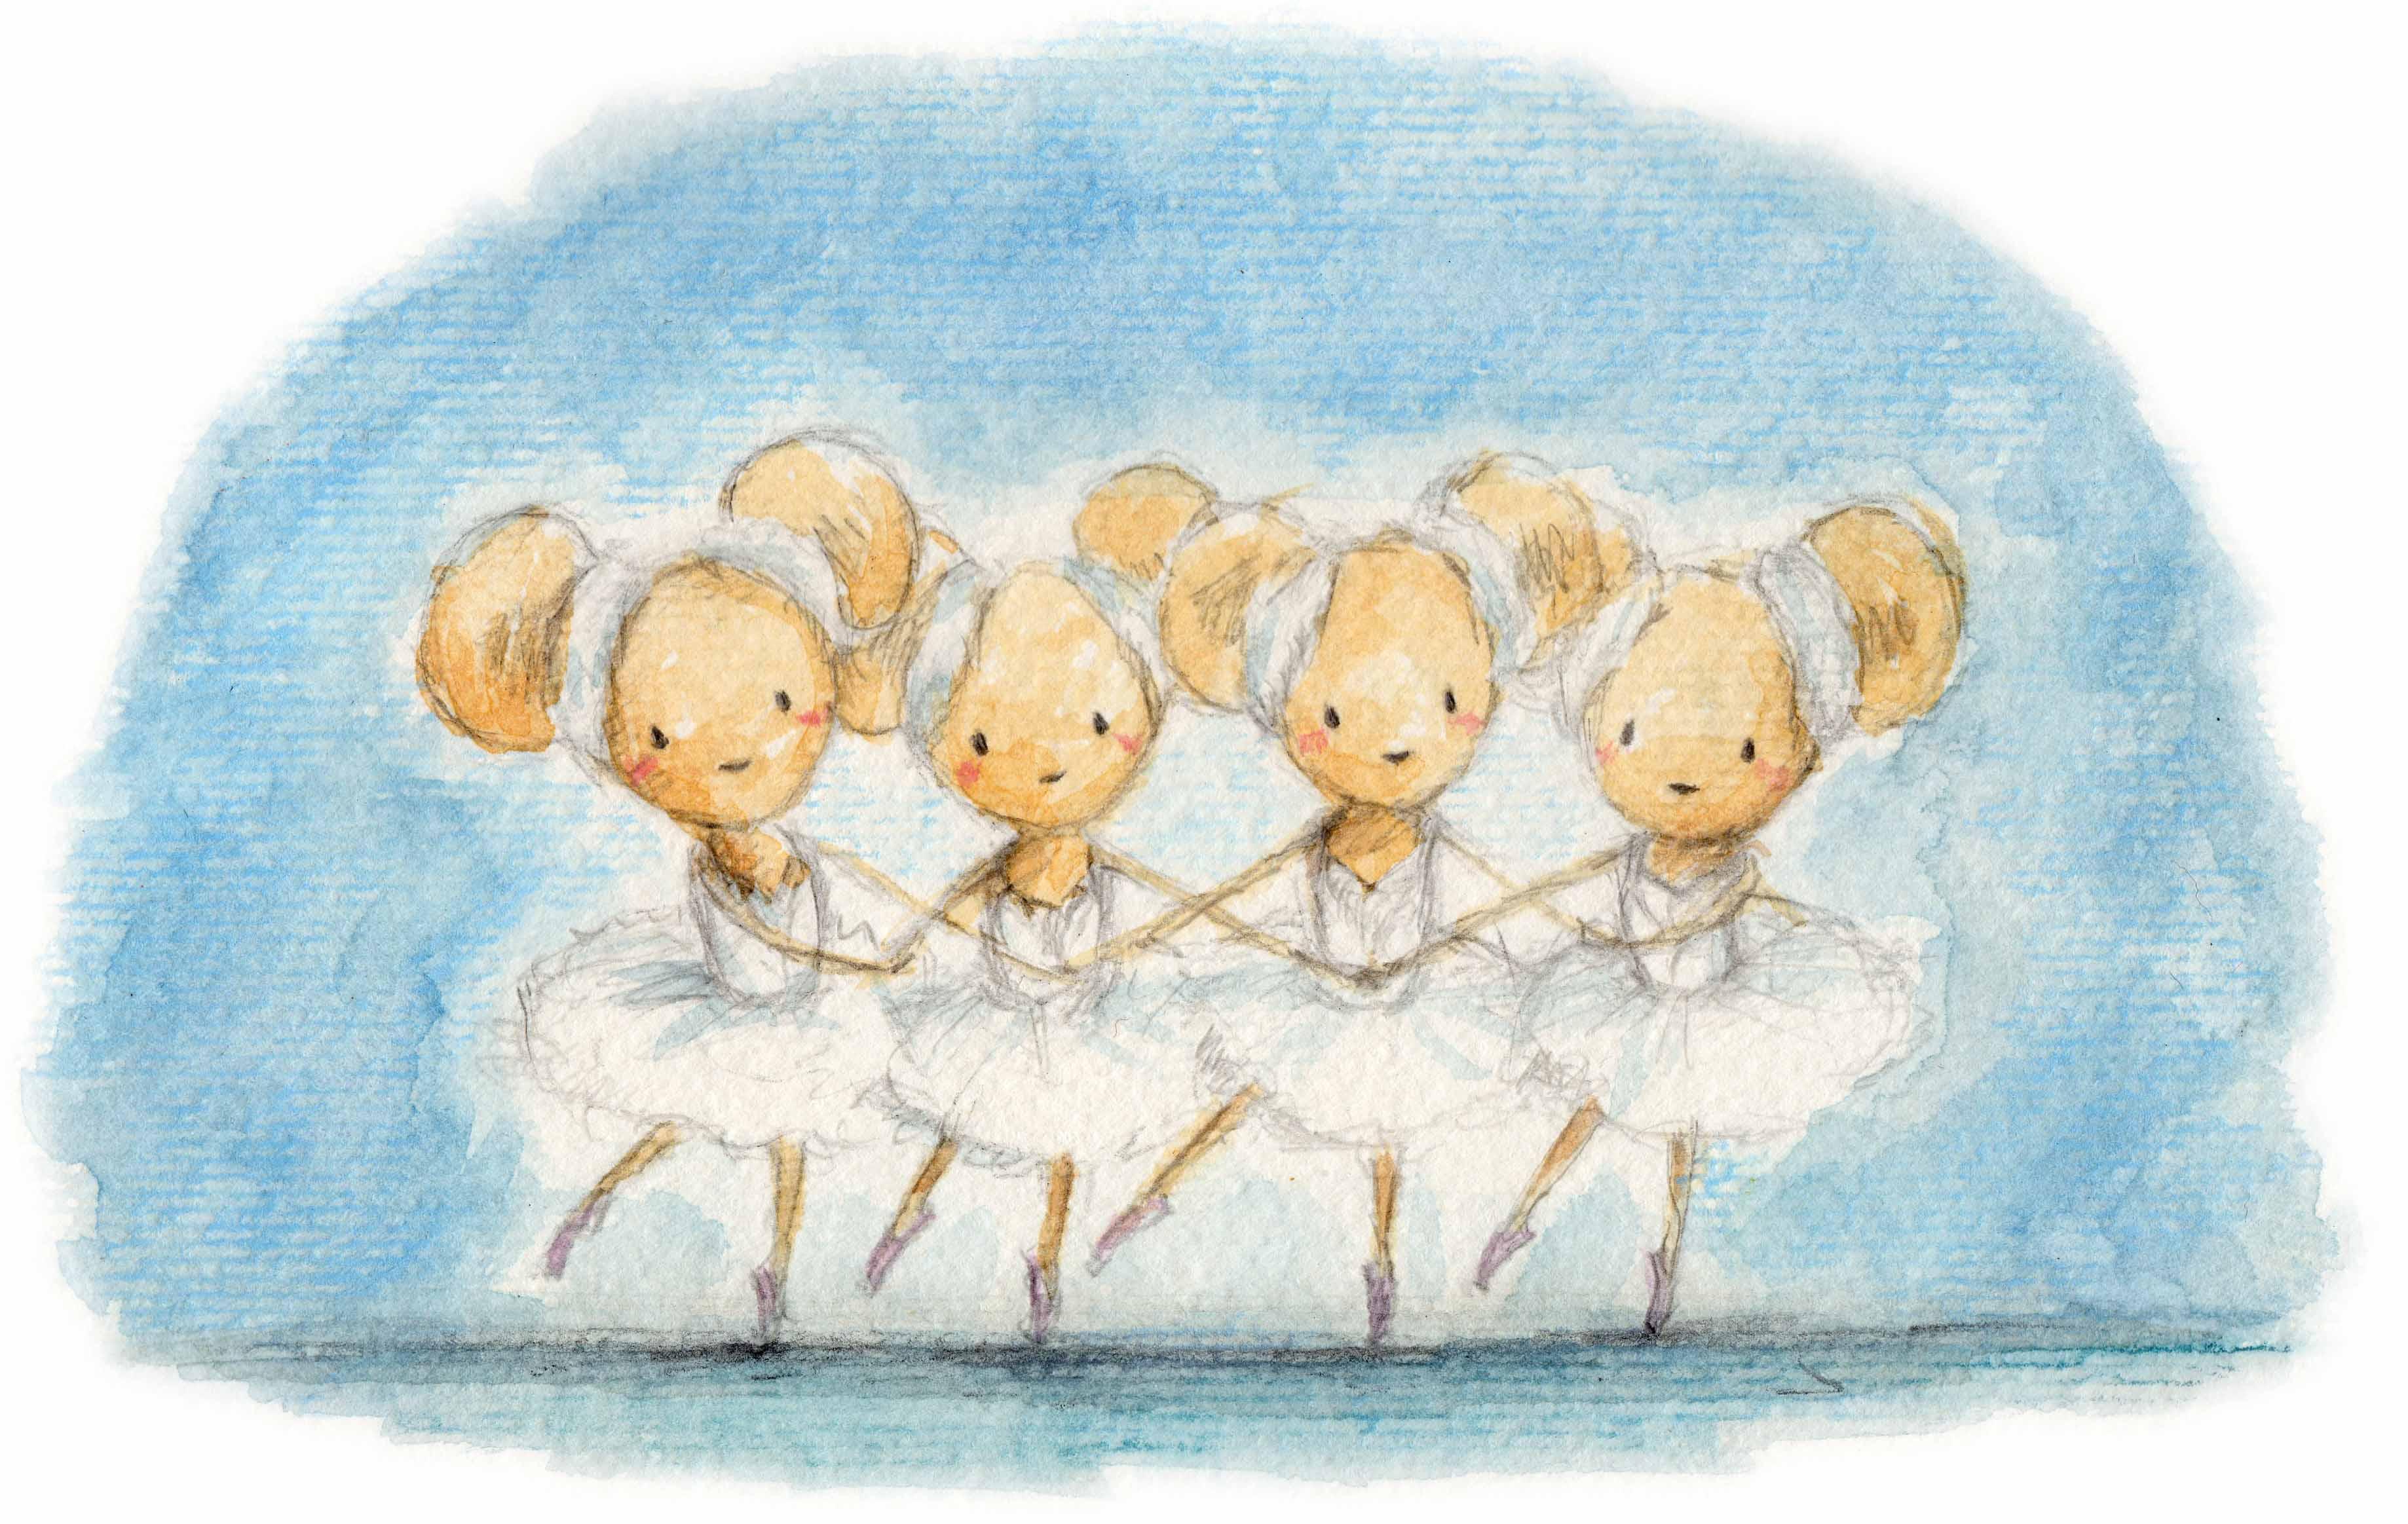 ねずみのバレリーナ1 : On danse! : 四月のカレンダー : カレンダー